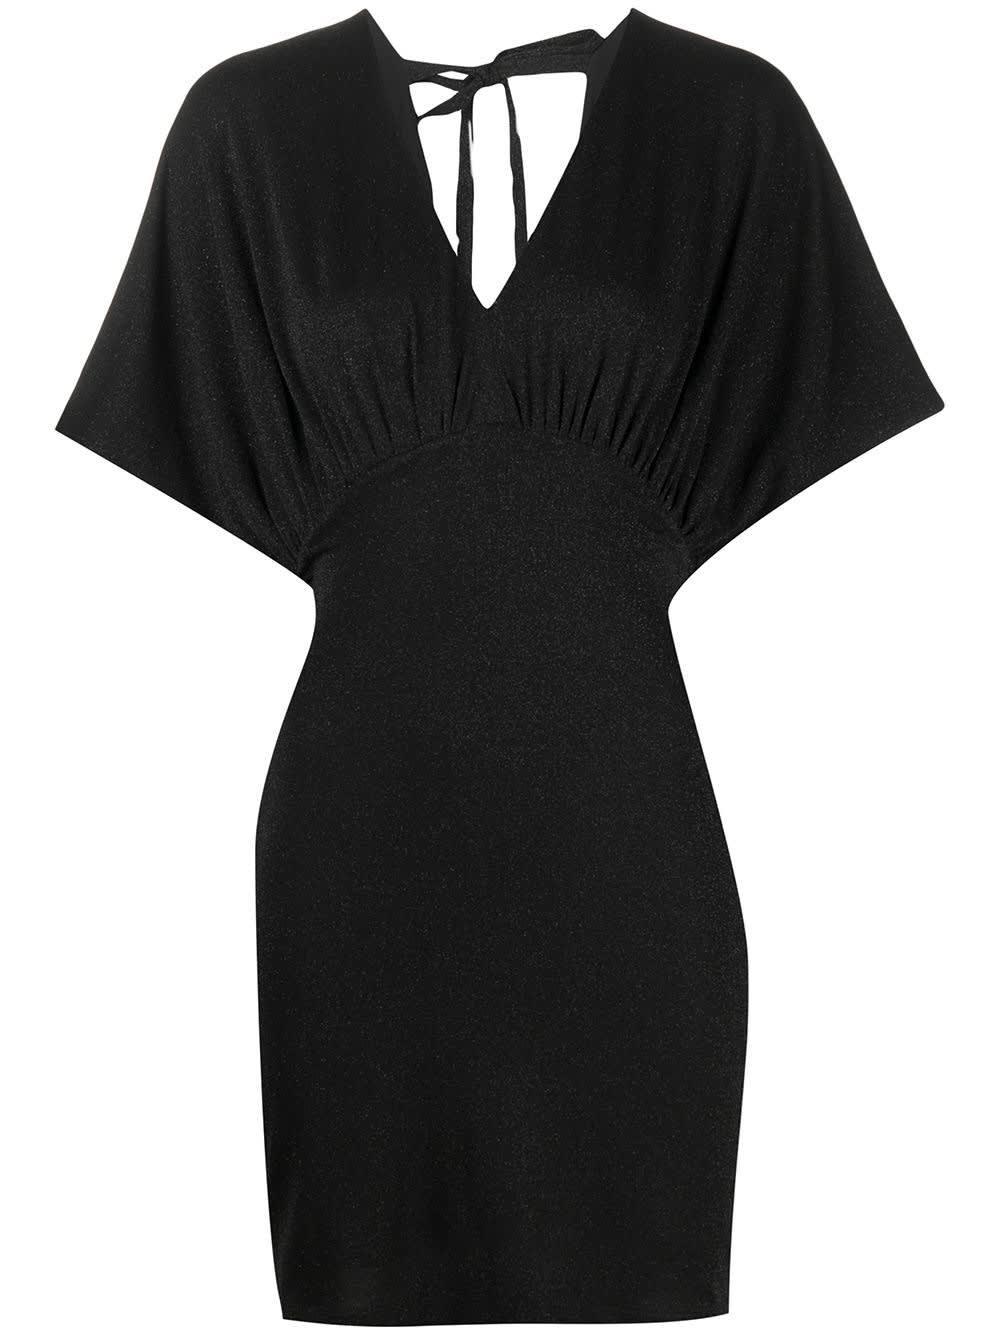 Liu •jo Dresses VISCOSE DRESS WITH V-NECK